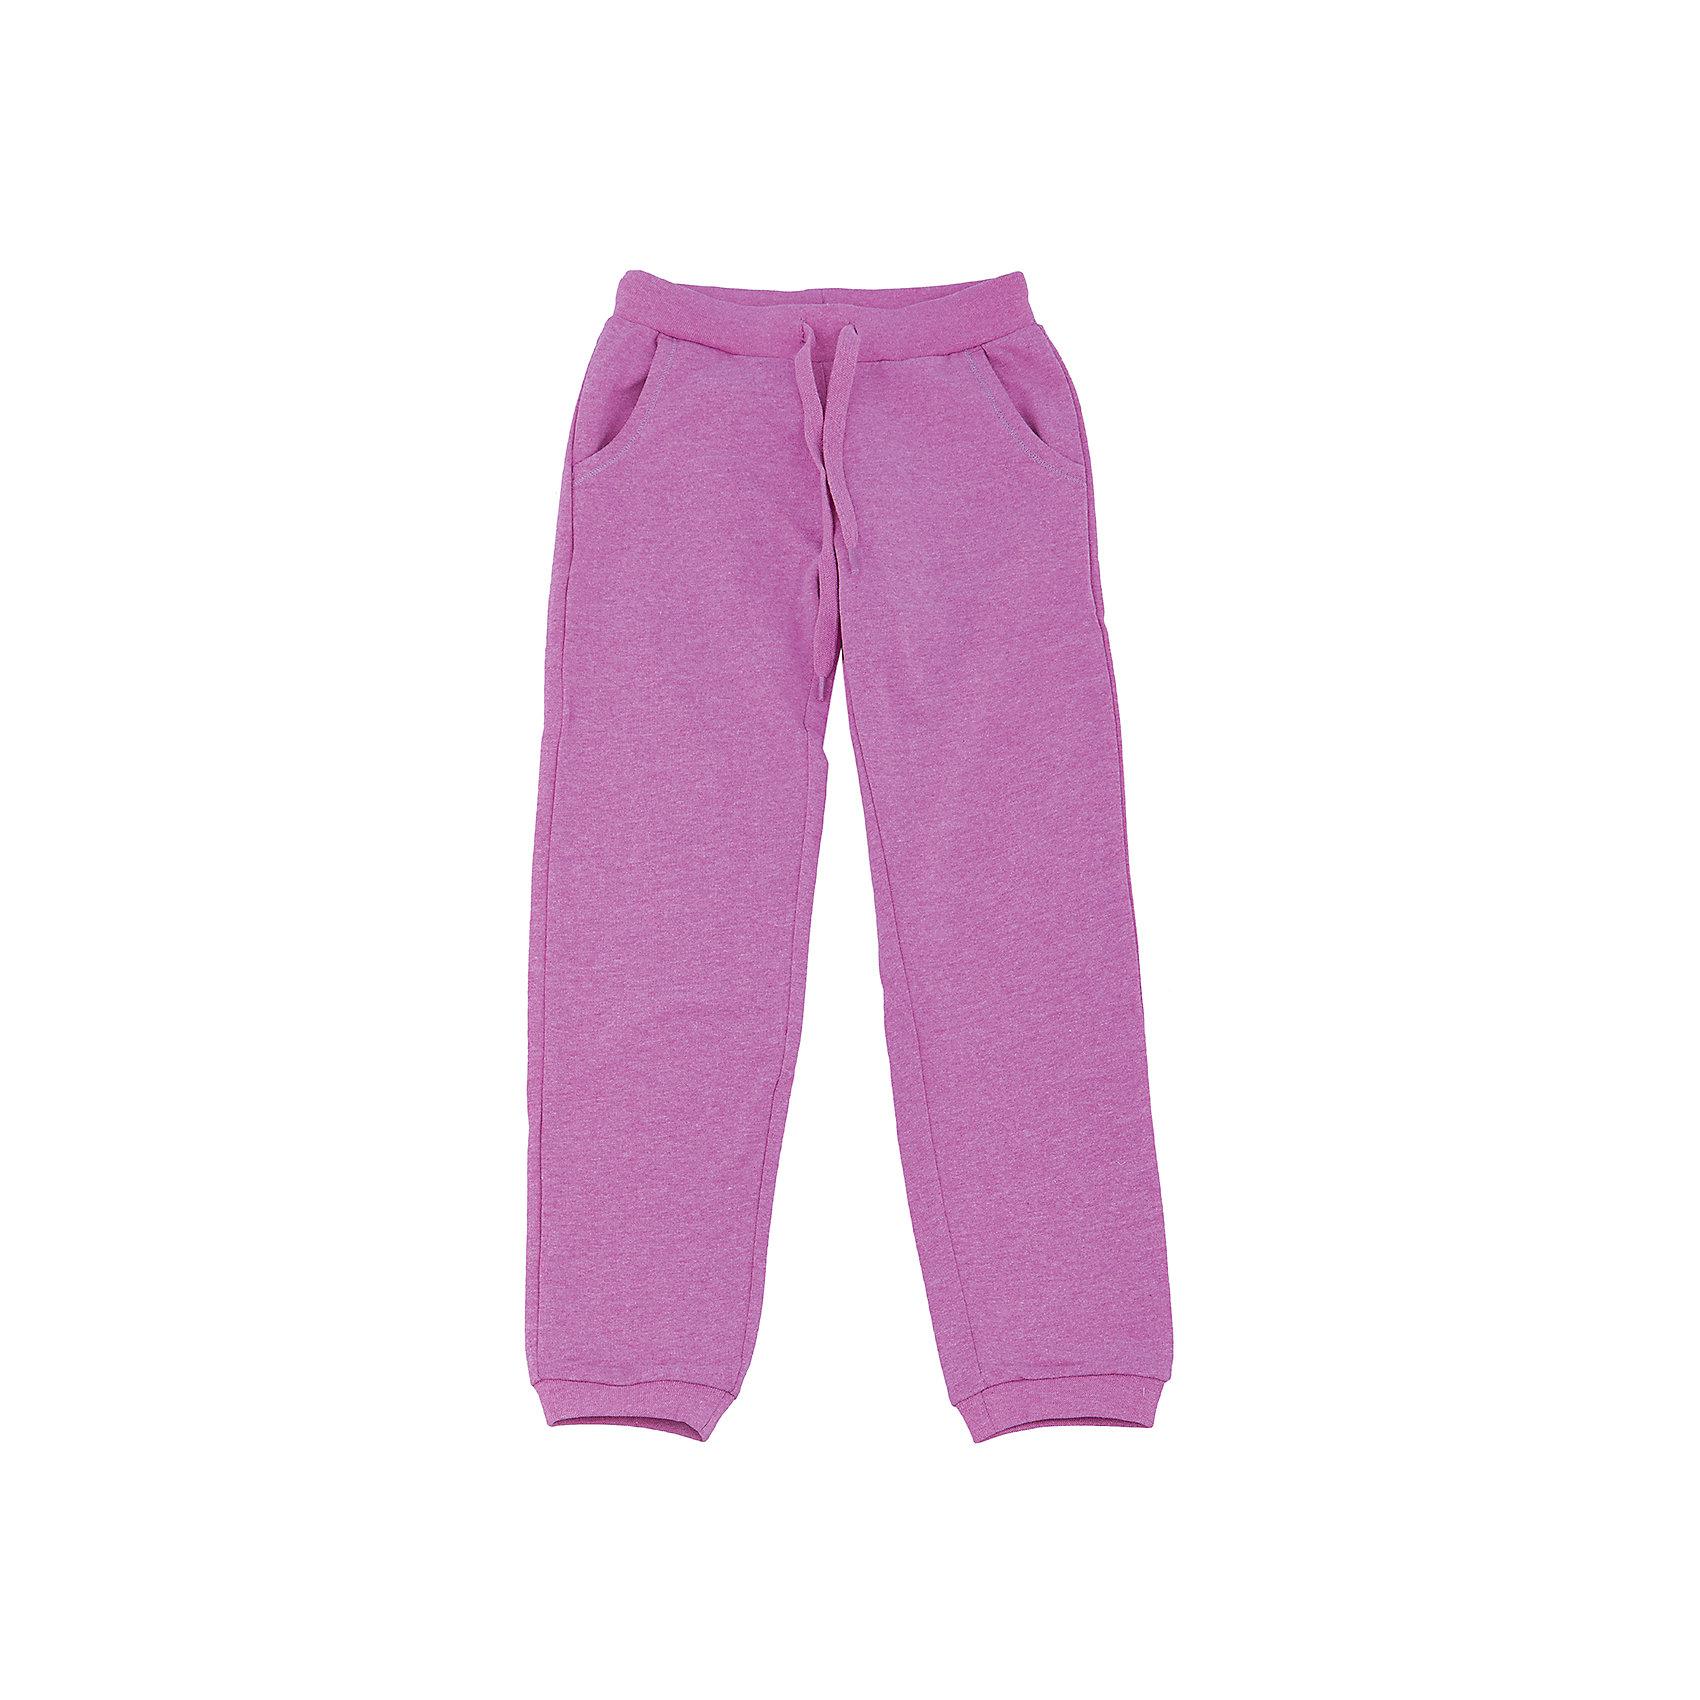 Брюки для девочки SELAСпортивные брюки - незаменимая вещь в детском гардеробе. Эта модель отлично сидит на ребенке, она сшита из приятного на ощупь материала, который обеспечивает ребенку комфорт. Модель станет отличной базовой вещью, которая будет уместна в различных сочетаниях.<br>Одежда от бренда Sela (Села) - это качество по приемлемым ценам. Многие российские родители уже оценили преимущества продукции этой компании и всё чаще приобретают одежду и аксессуары Sela.<br><br>Дополнительная информация:<br><br>материал: 50% вискоза, 50% ПЭ;<br>удобная посадка;<br>резинка в поясе.<br><br>Брюки для девочки от бренда Sela можно купить в нашем интернет-магазине.<br><br>Ширина мм: 215<br>Глубина мм: 88<br>Высота мм: 191<br>Вес г: 336<br>Цвет: розовый<br>Возраст от месяцев: 108<br>Возраст до месяцев: 120<br>Пол: Женский<br>Возраст: Детский<br>Размер: 134,128,122,140,116,152,146<br>SKU: 4919427